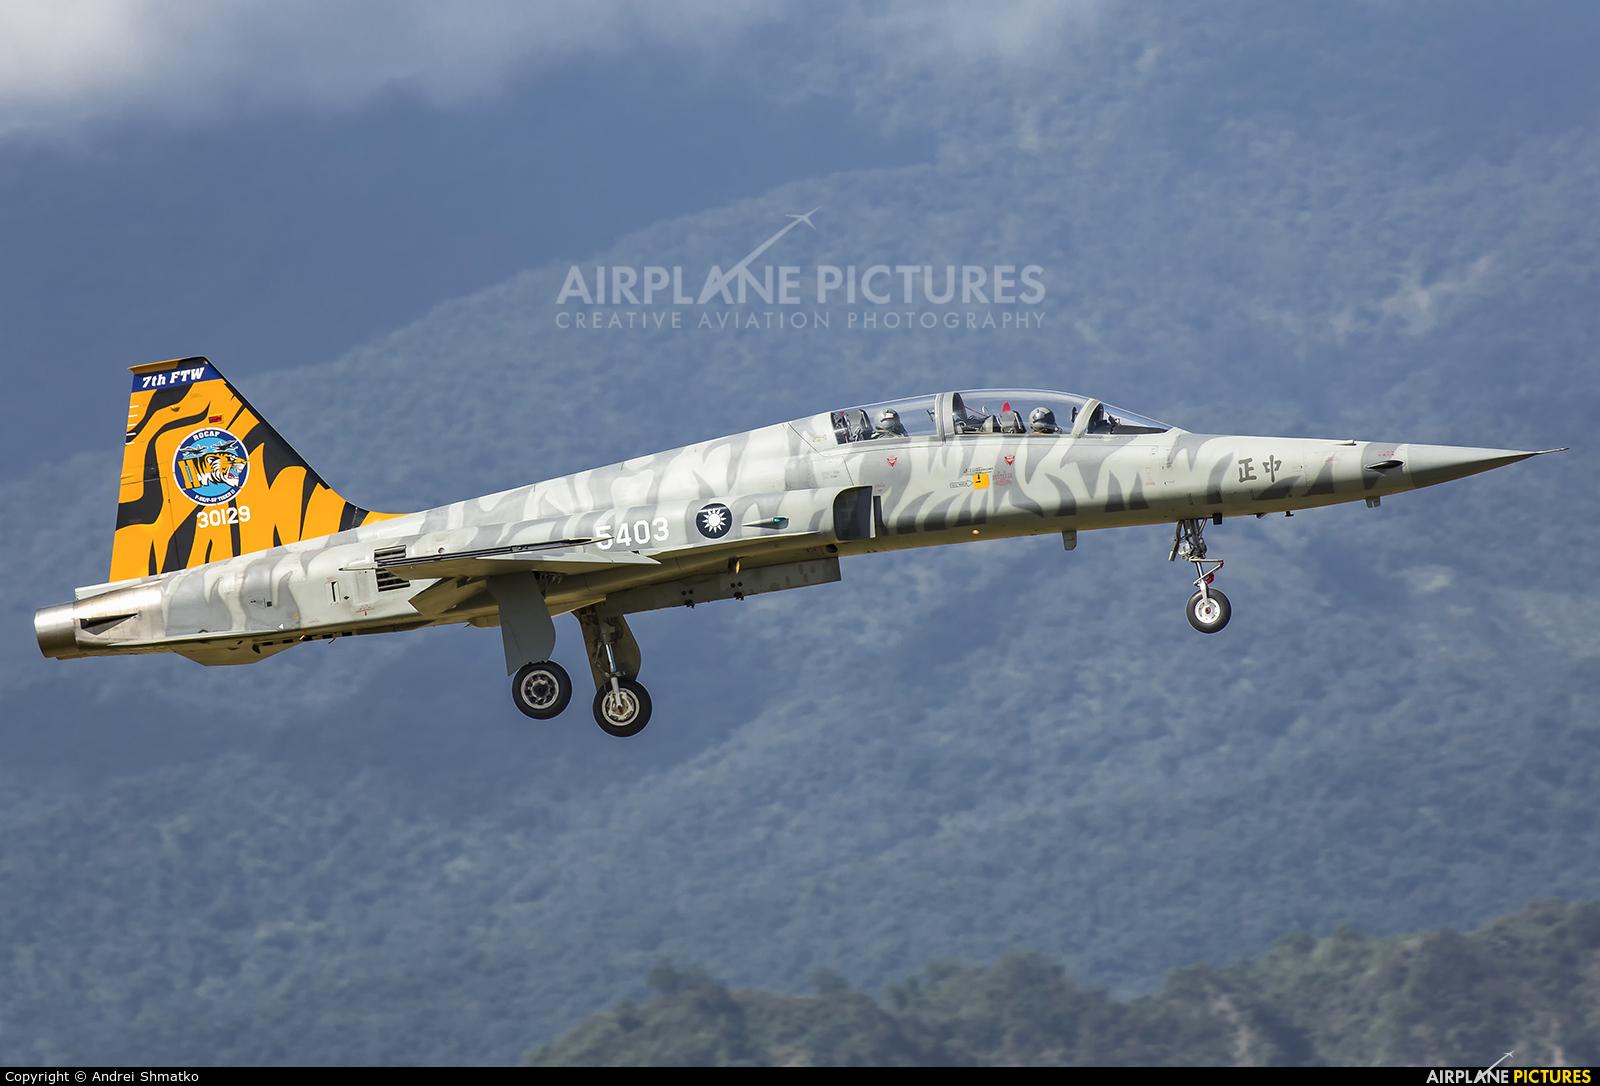 Taiwan - Air Force 83-00129 aircraft at Chihhang/Zhihang AB